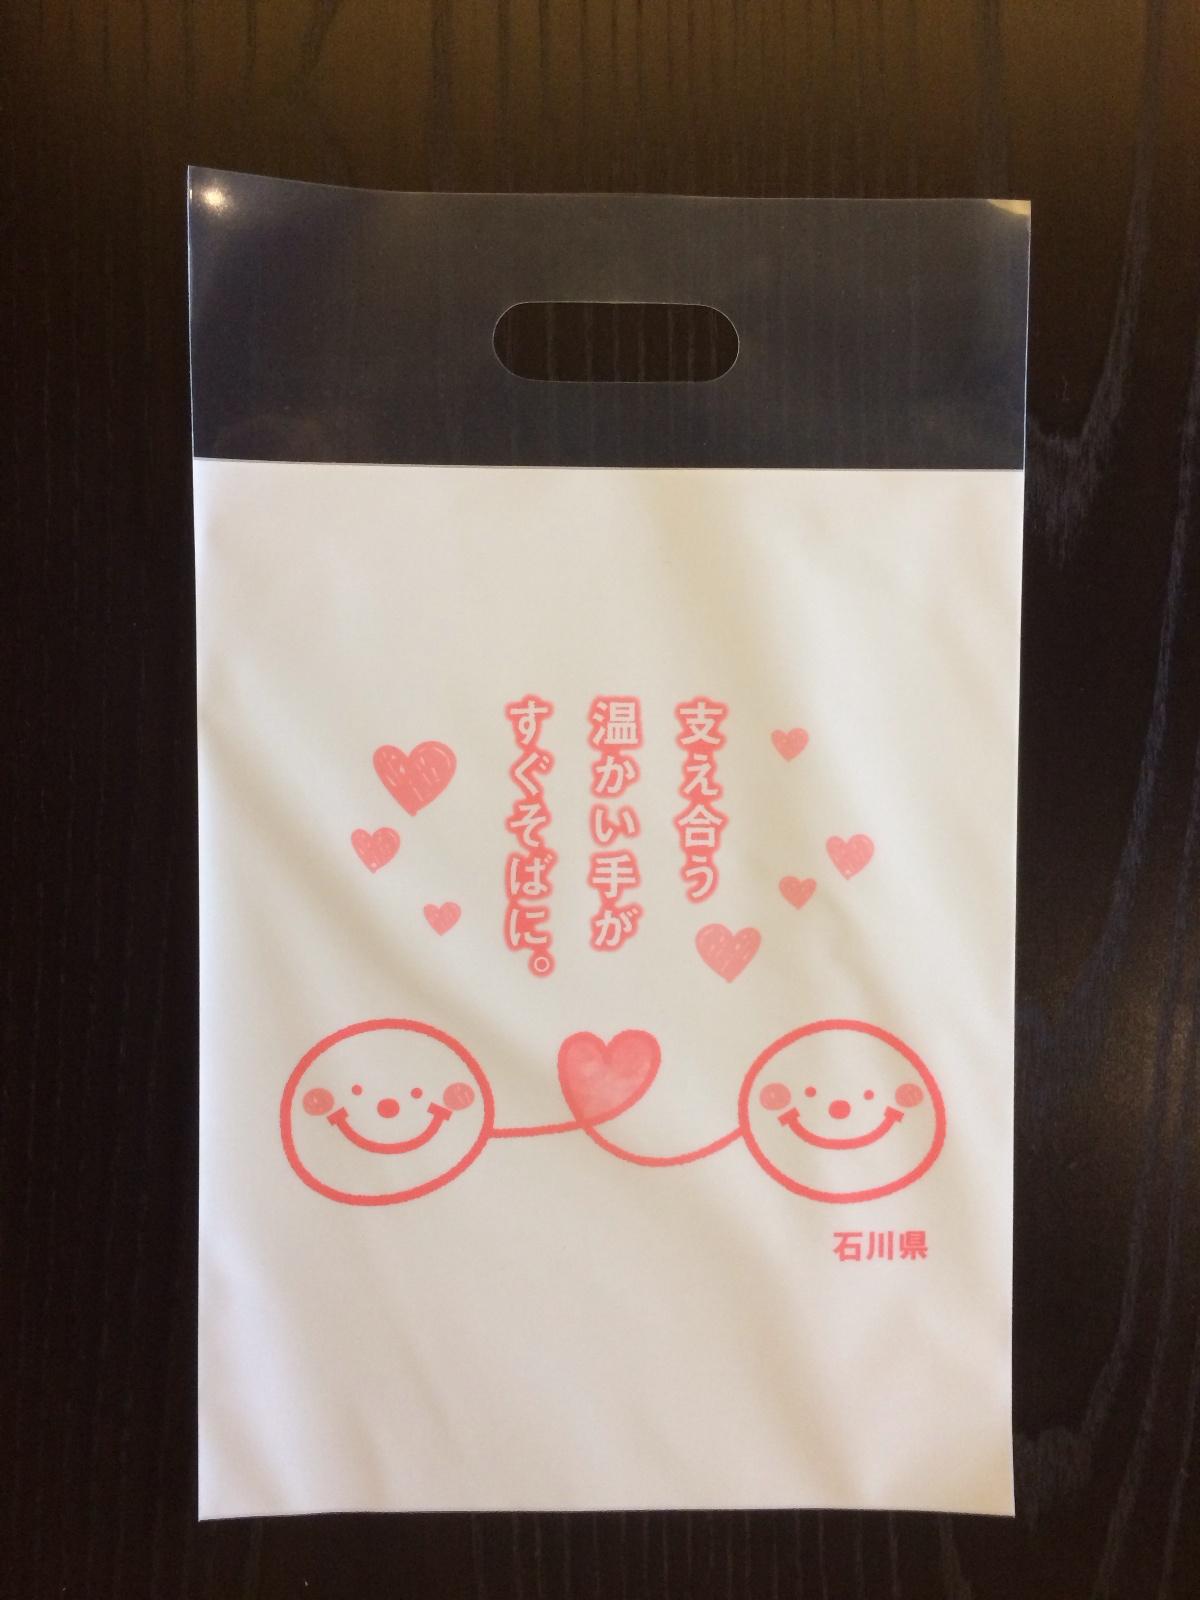 金沢市自殺防止キャンペーン